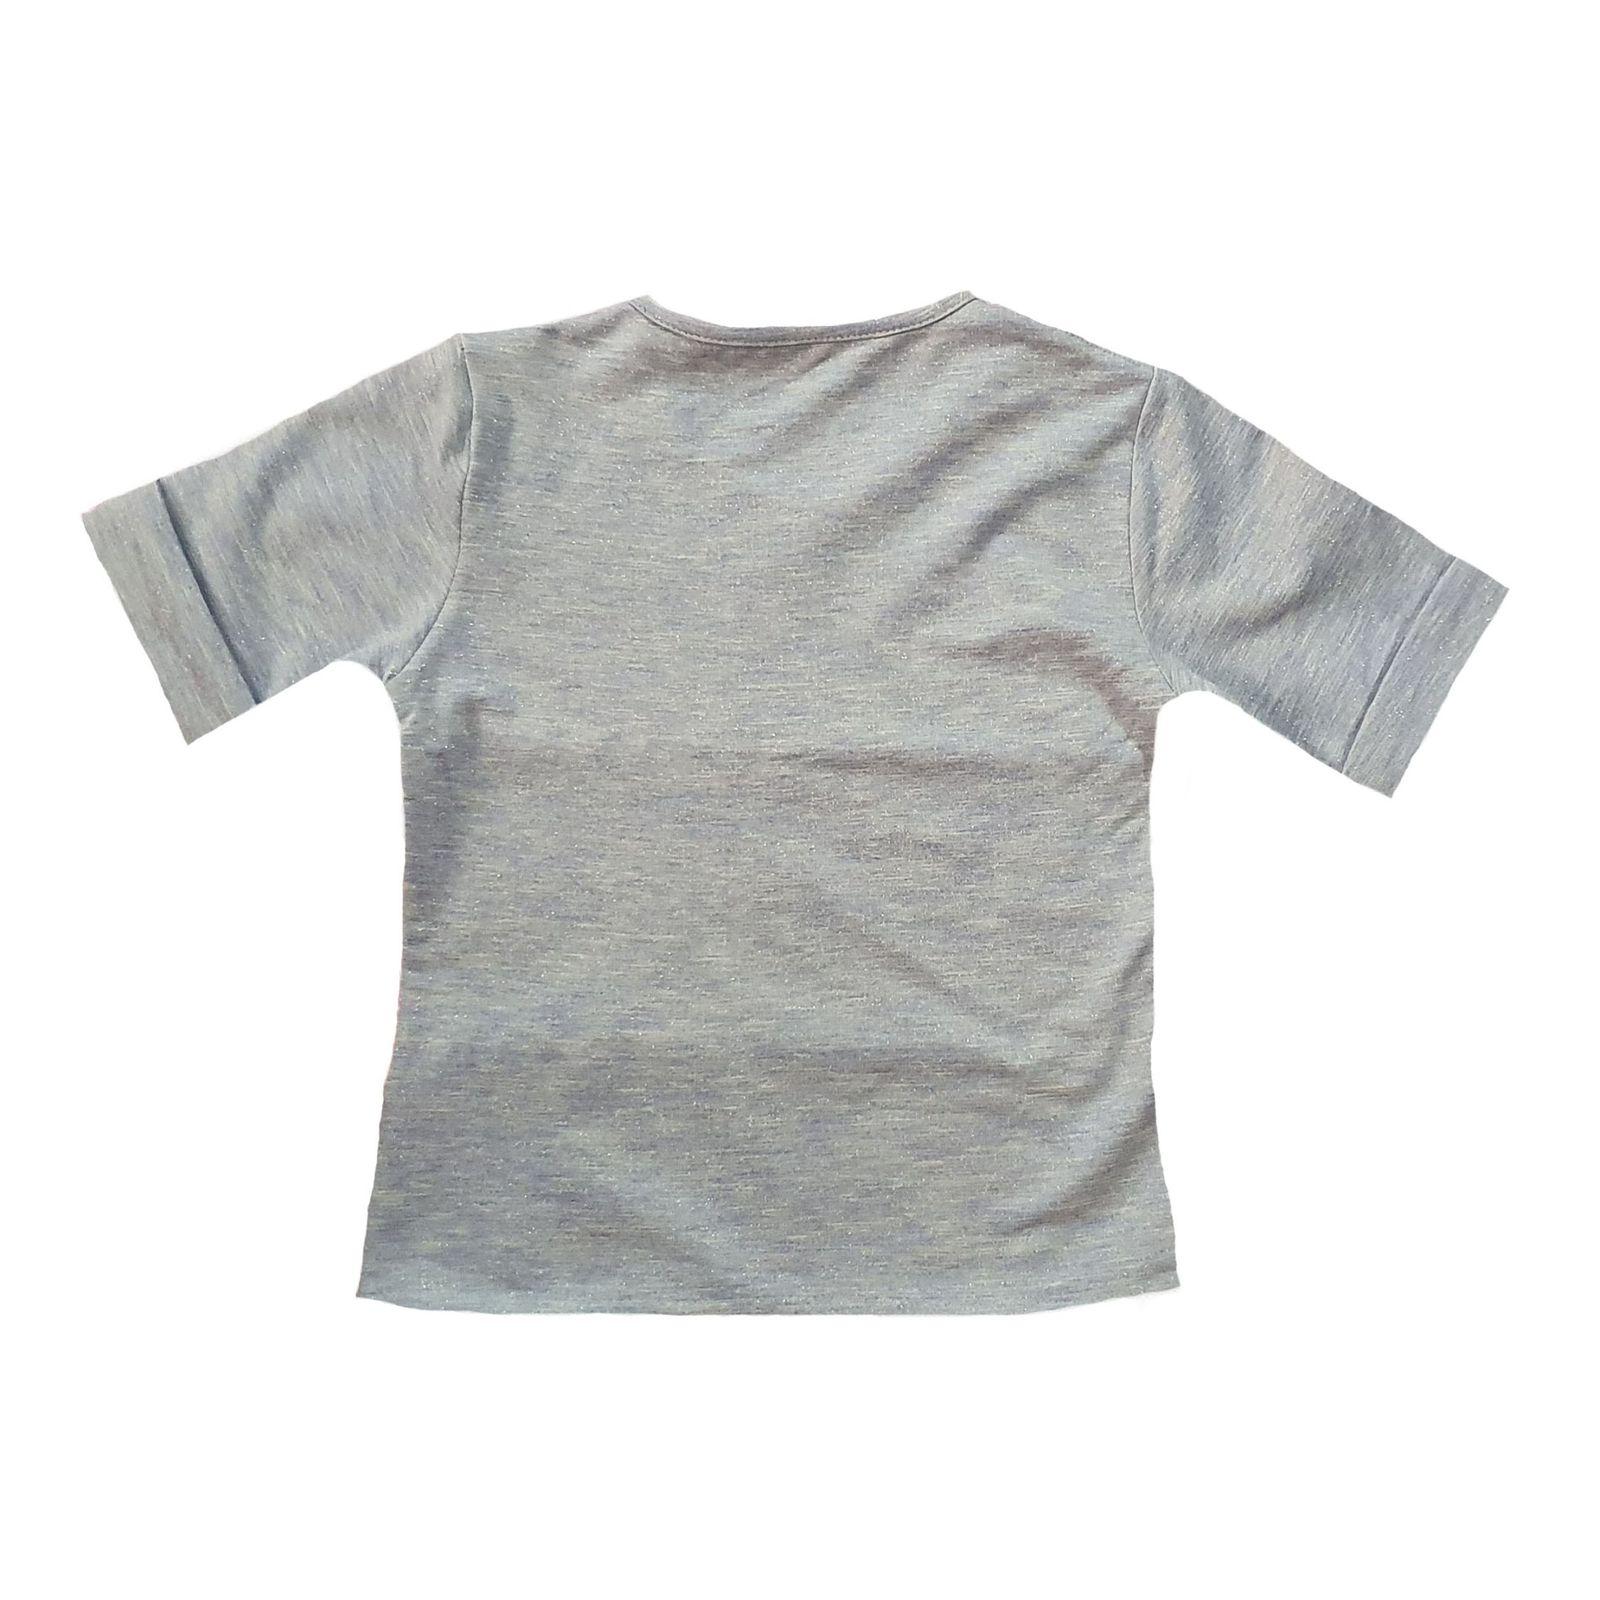 ست تی شرت و شلوار دخترانه کد 99b2 -  - 2